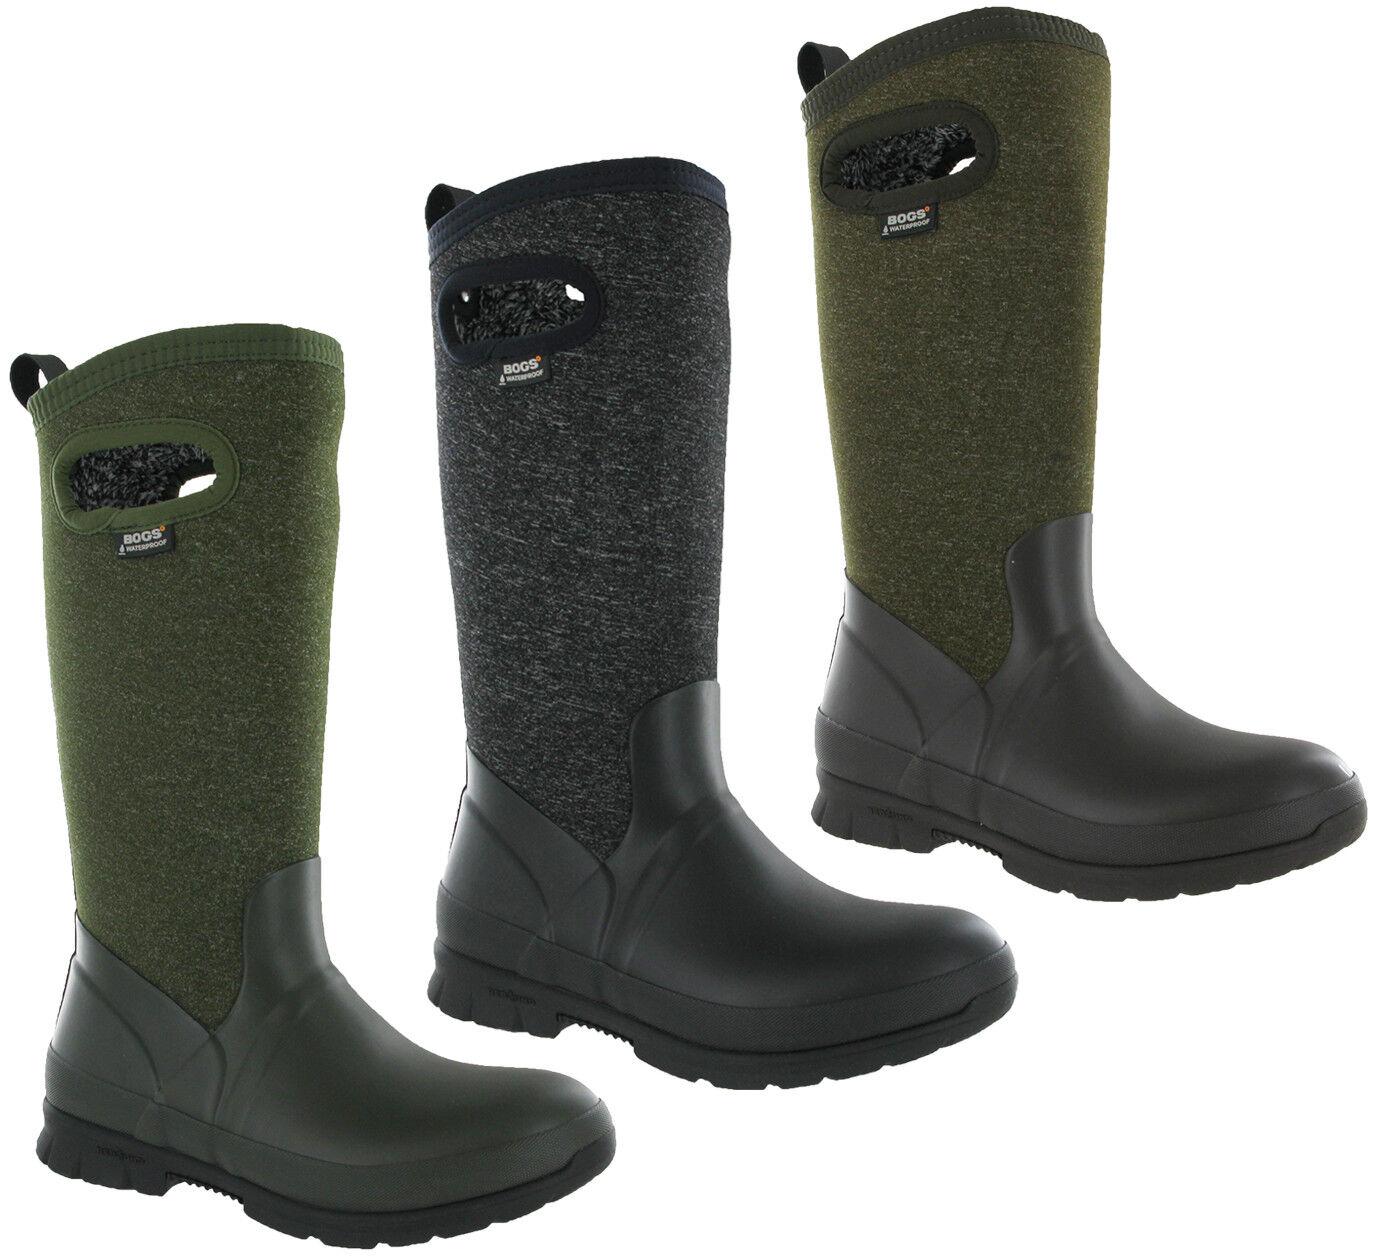 Bogs Crandall Wellingtons botas de invierno para mujer impermeable forrado de piel - 25 C 72036